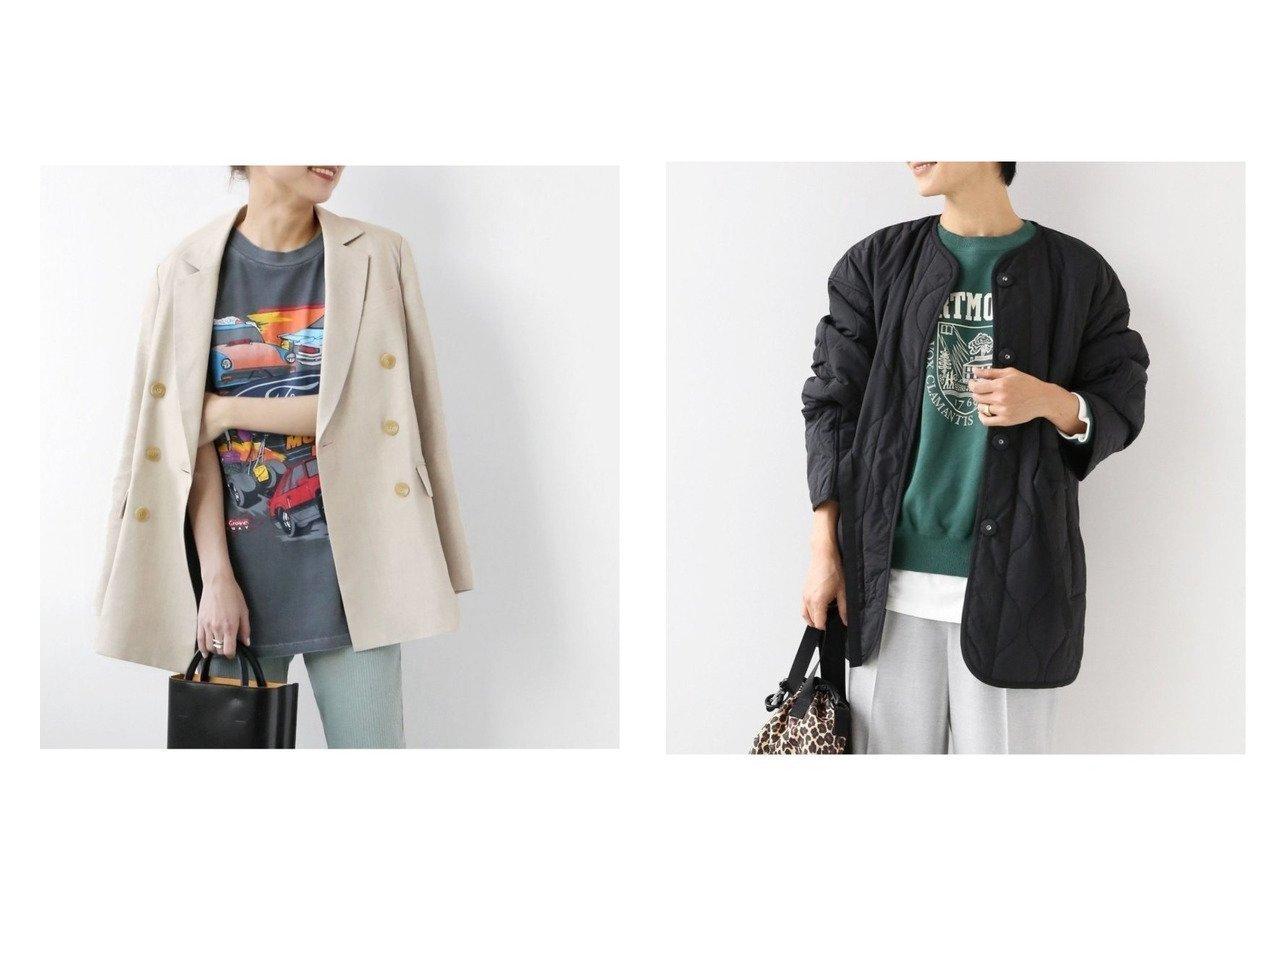 【JOURNAL STANDARD relume/ジャーナルスタンダード レリューム】のリネンブレンドWブレステッドジャケット&キルティングブルゾン アウターのおすすめ!人気、トレンド・レディースファッションの通販  おすすめで人気の流行・トレンド、ファッションの通販商品 メンズファッション・キッズファッション・インテリア・家具・レディースファッション・服の通販 founy(ファニー) https://founy.com/ ファッション Fashion レディースファッション WOMEN アウター Coat Outerwear コート Coats ジャケット Jackets テーラードジャケット Tailored Jackets ブルゾン Blouson Jackets NEW・新作・新着・新入荷 New Arrivals 2020年 2020 2020-2021 秋冬 A/W AW Autumn/Winter / FW Fall-Winter 2020-2021 A/W 秋冬 AW Autumn/Winter / FW Fall-Winter ジャケット ダブル マニッシュ リネン 2021年 2021 2021 春夏 S/S SS Spring/Summer 2021 S/S 春夏 SS Spring/Summer キルティング ブルゾン |ID:crp329100000009986